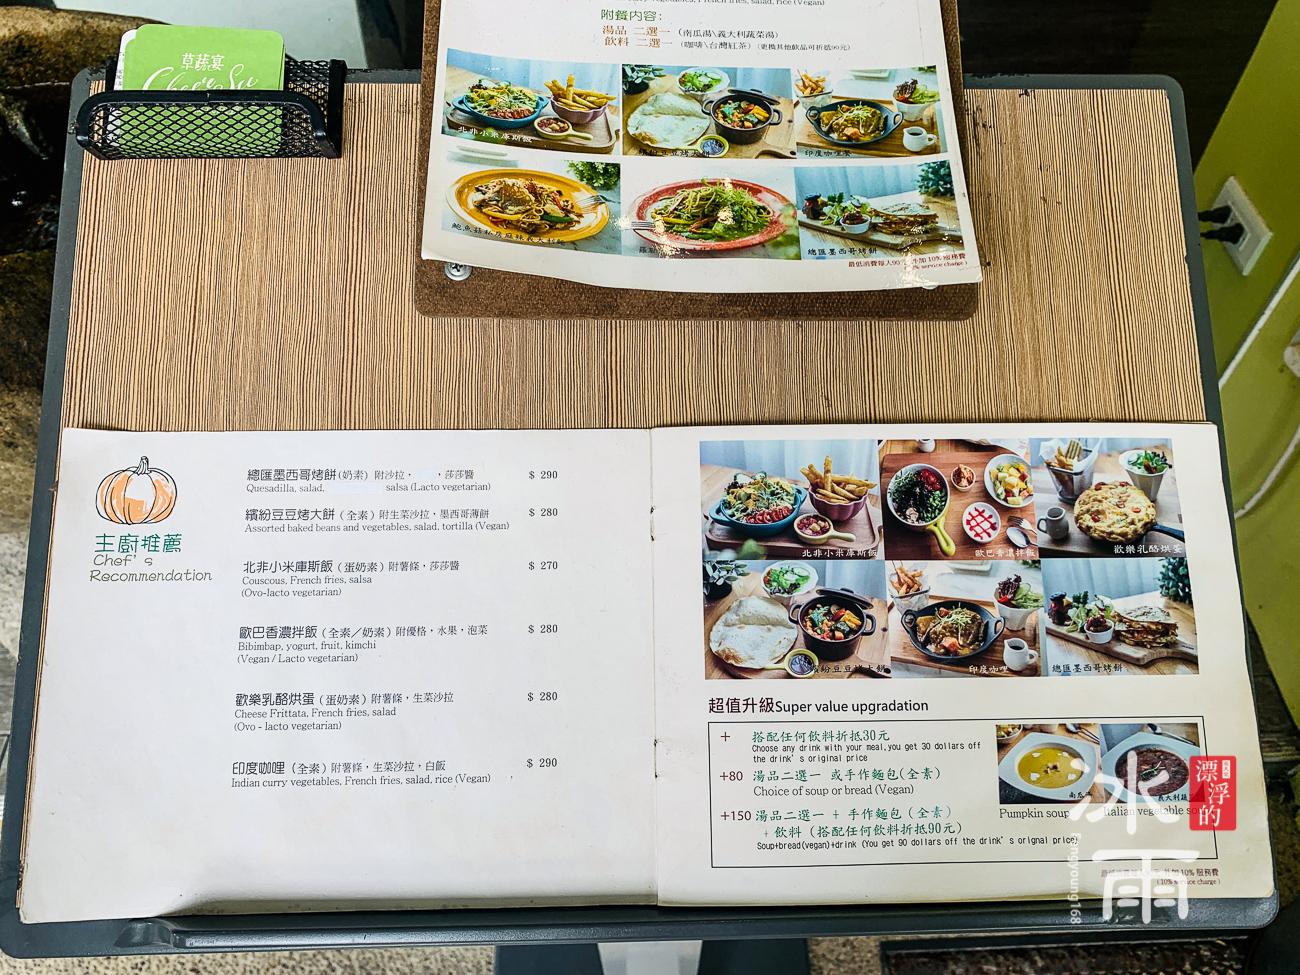 草蔬宴Cheer Su|菜單